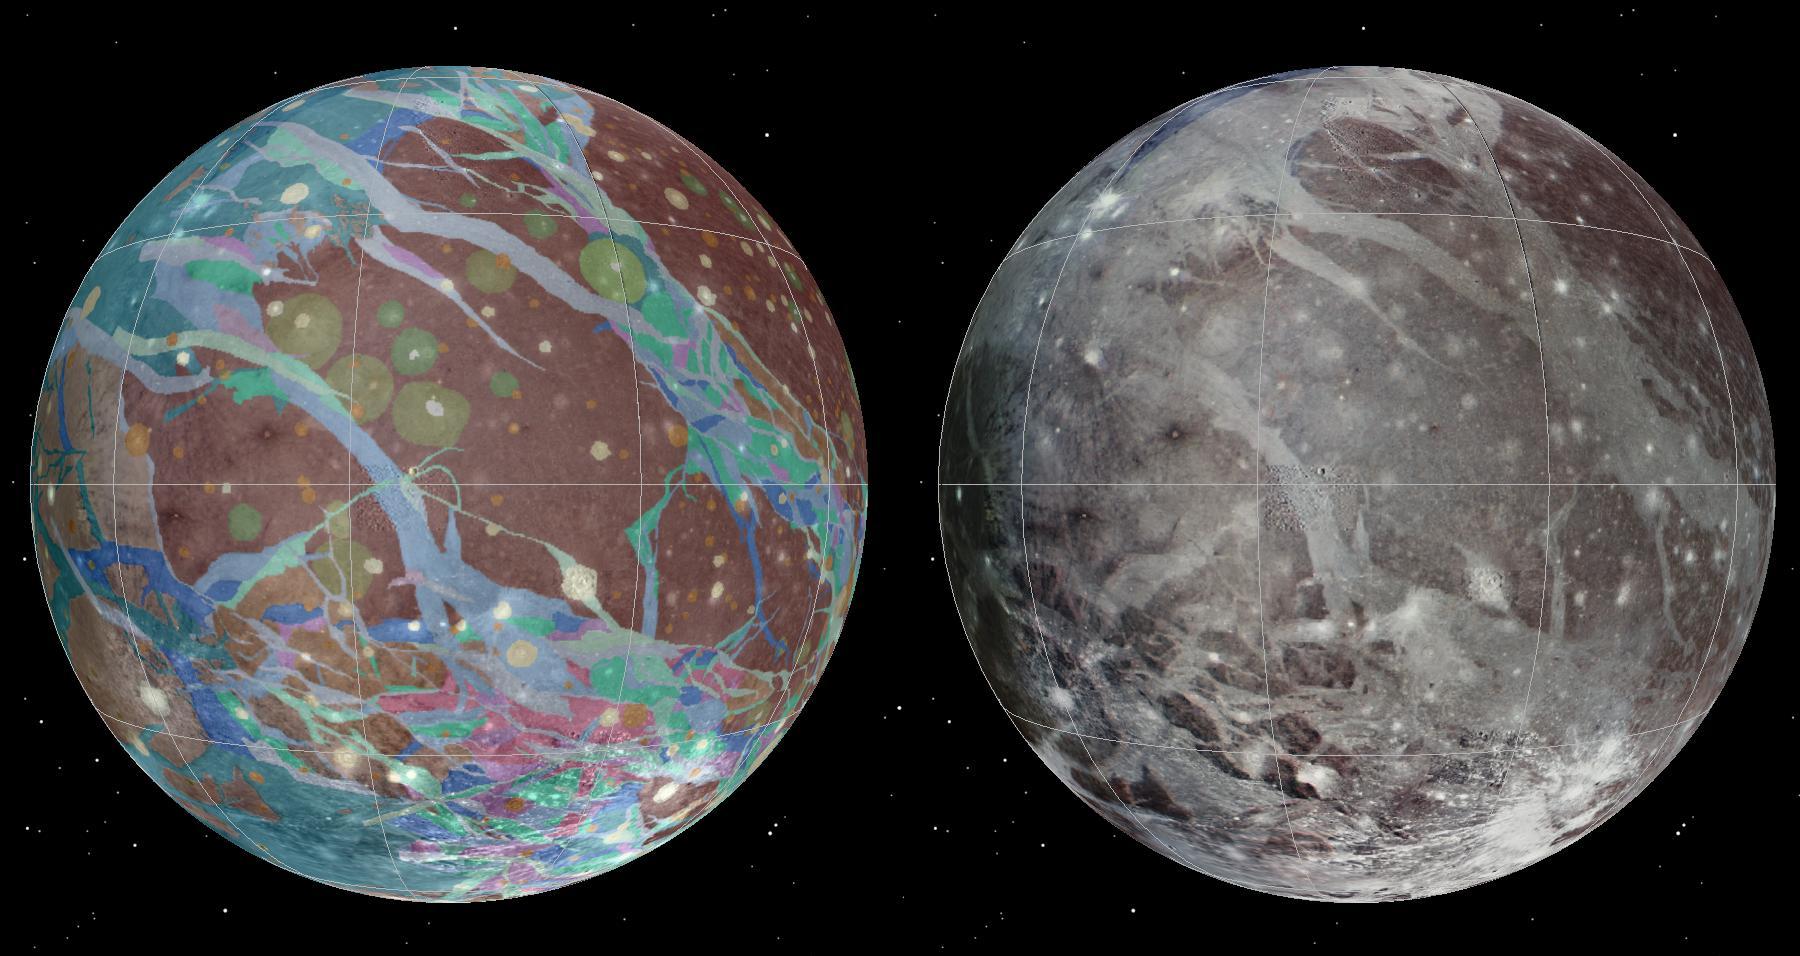 Ganymede Global Geologic Map and Global Image Mosaic